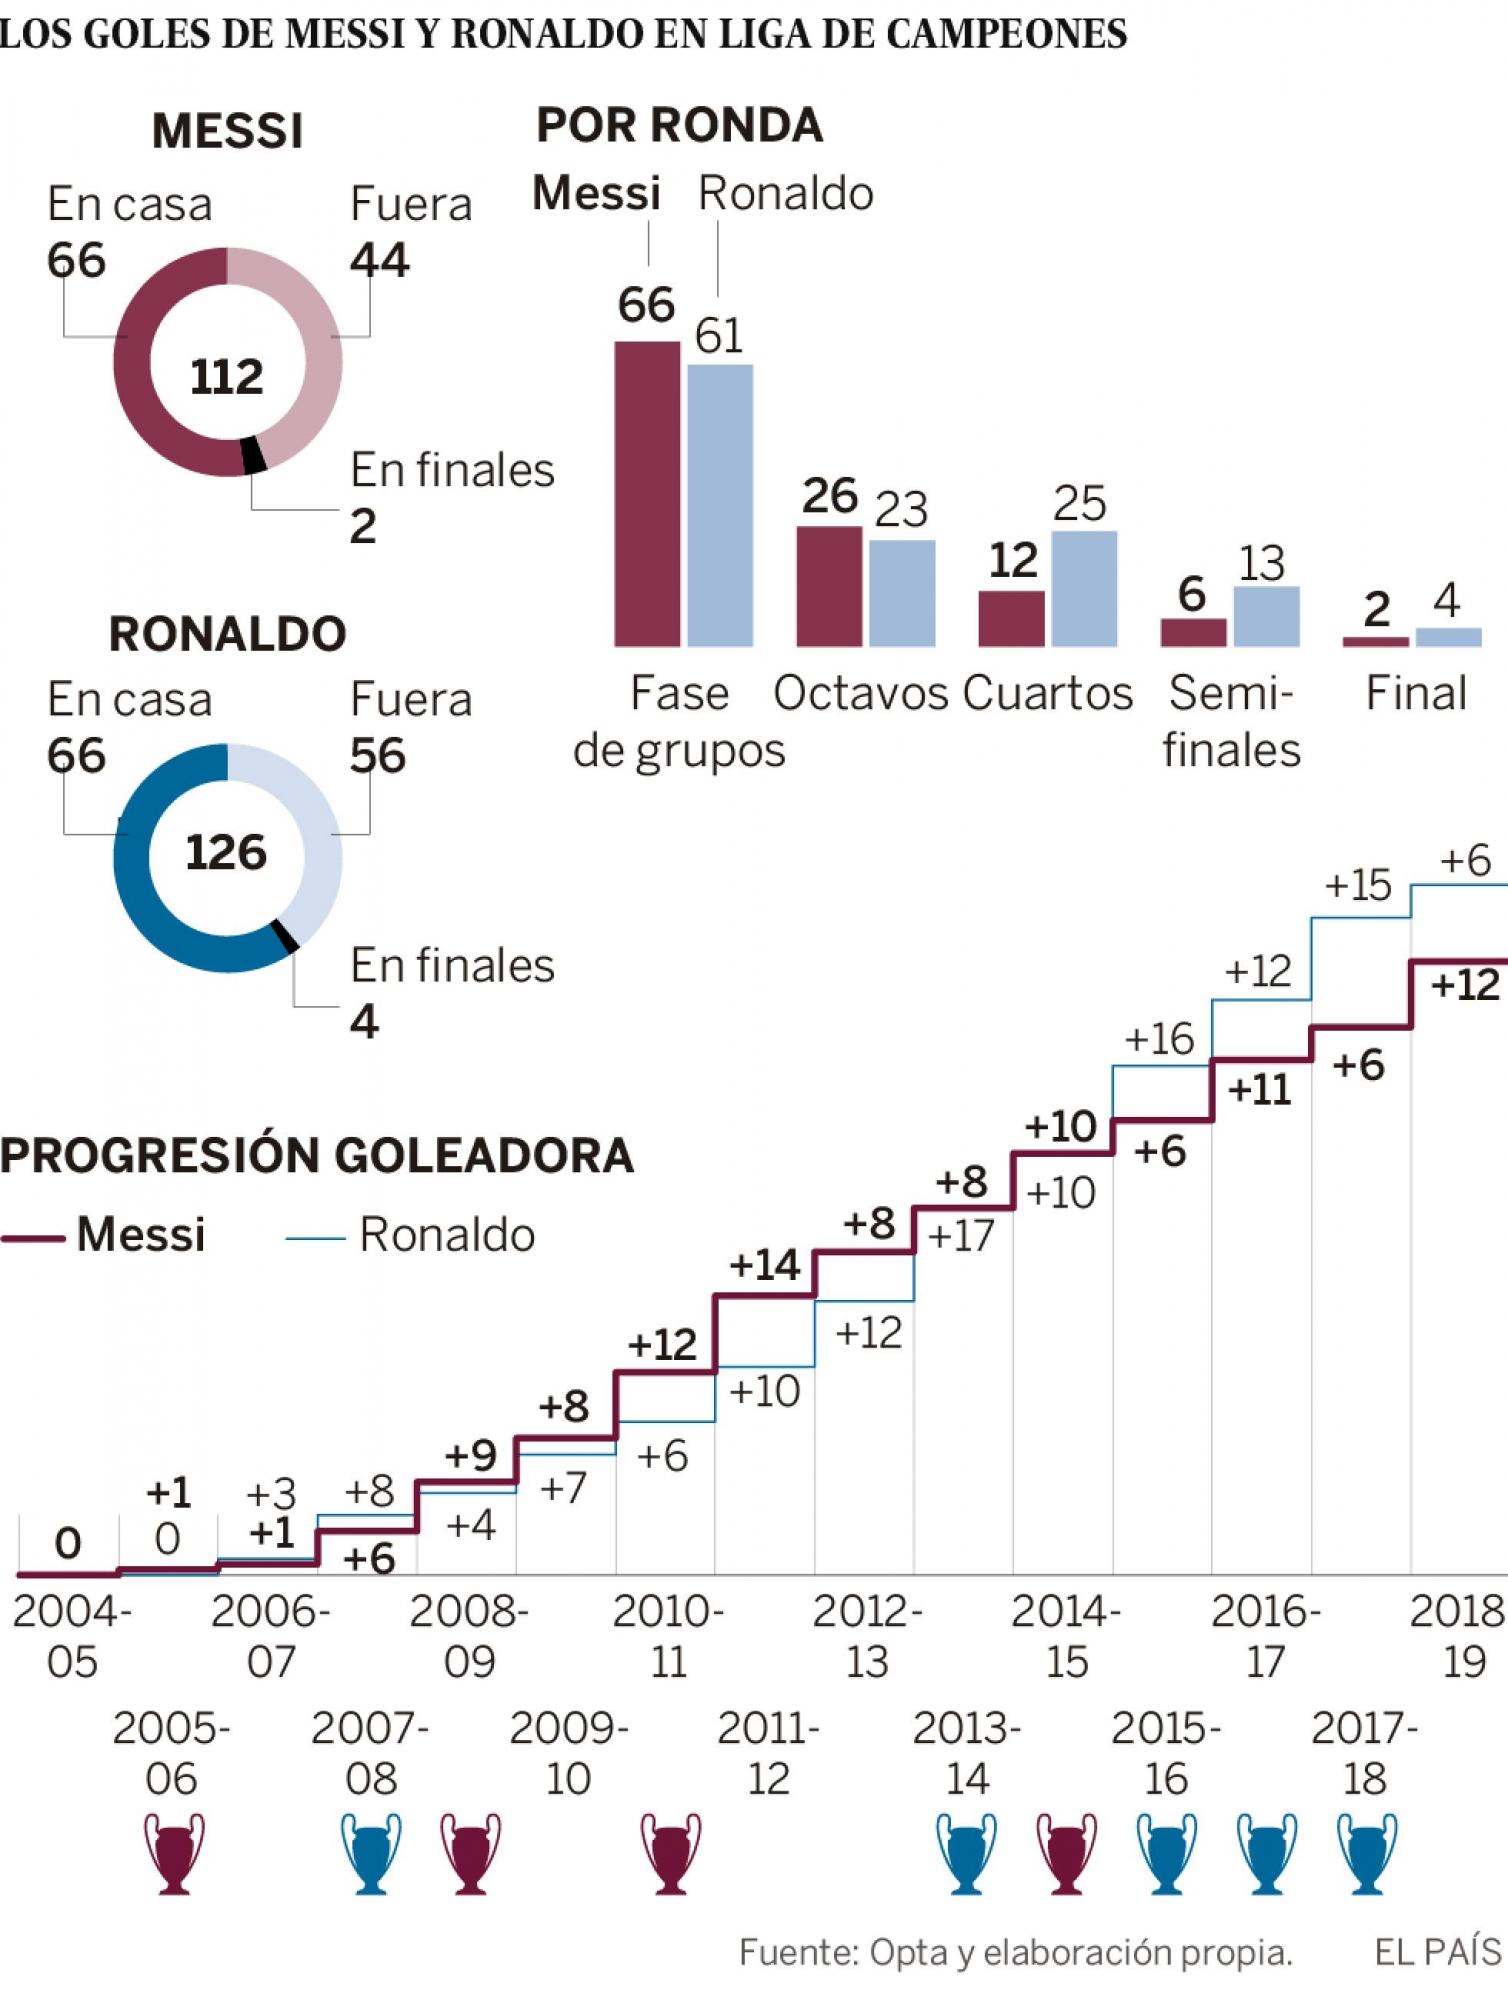 Fuente: El País de España / Opta